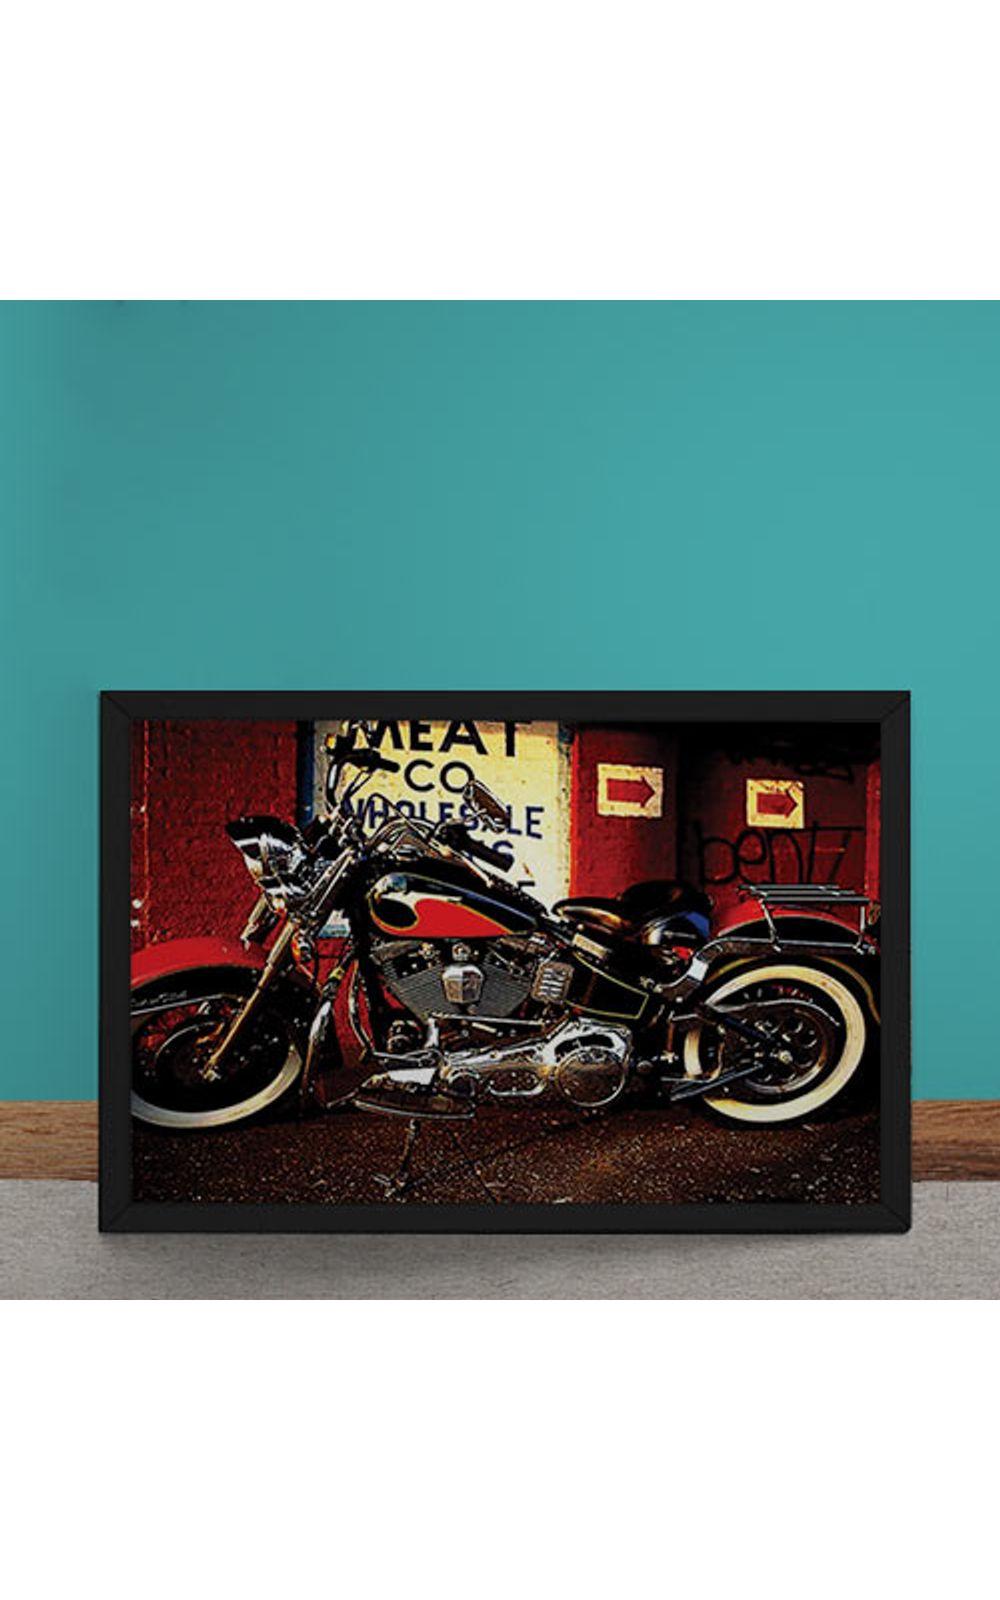 Foto 1 - Quadro Decorativo Moto Custom Vermelha